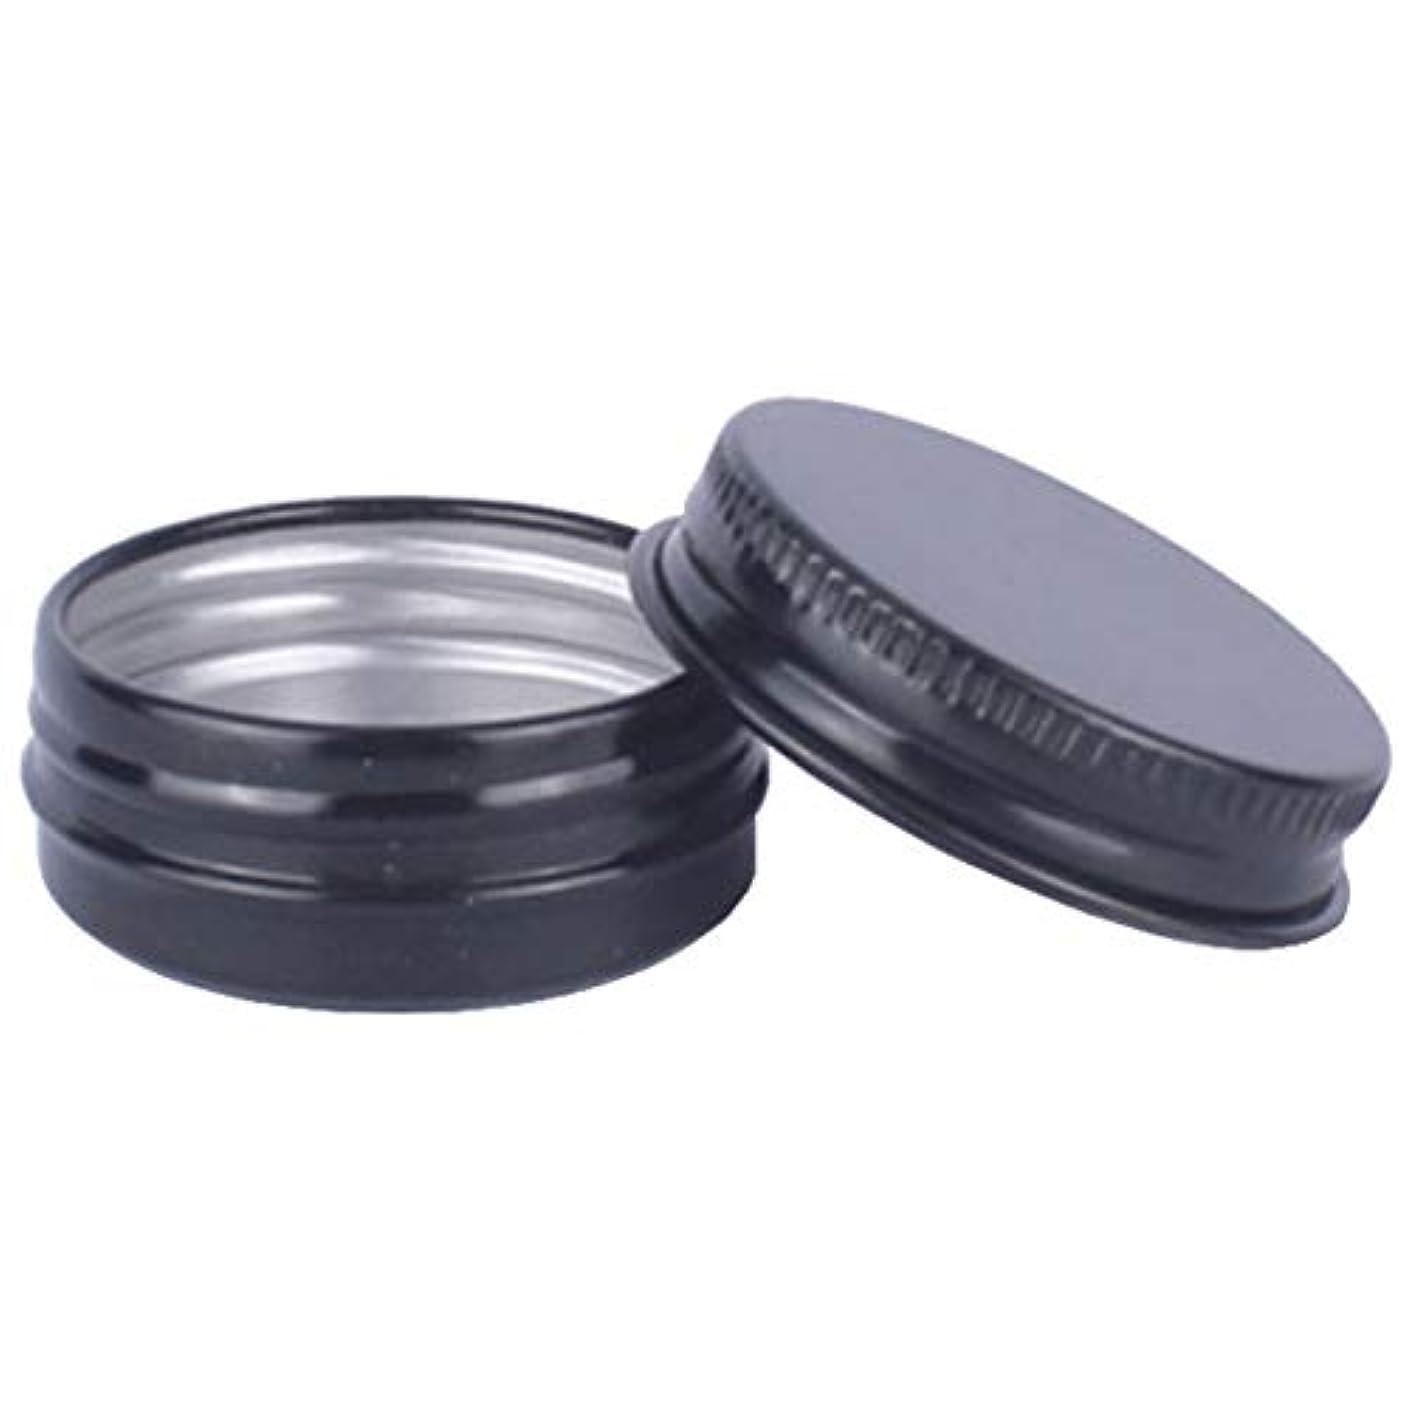 黒人報酬六月フェリモア アルミネジキャップ缶 詰め替え容器 クリーム 小分け容器 アルミ製 缶 30個セット